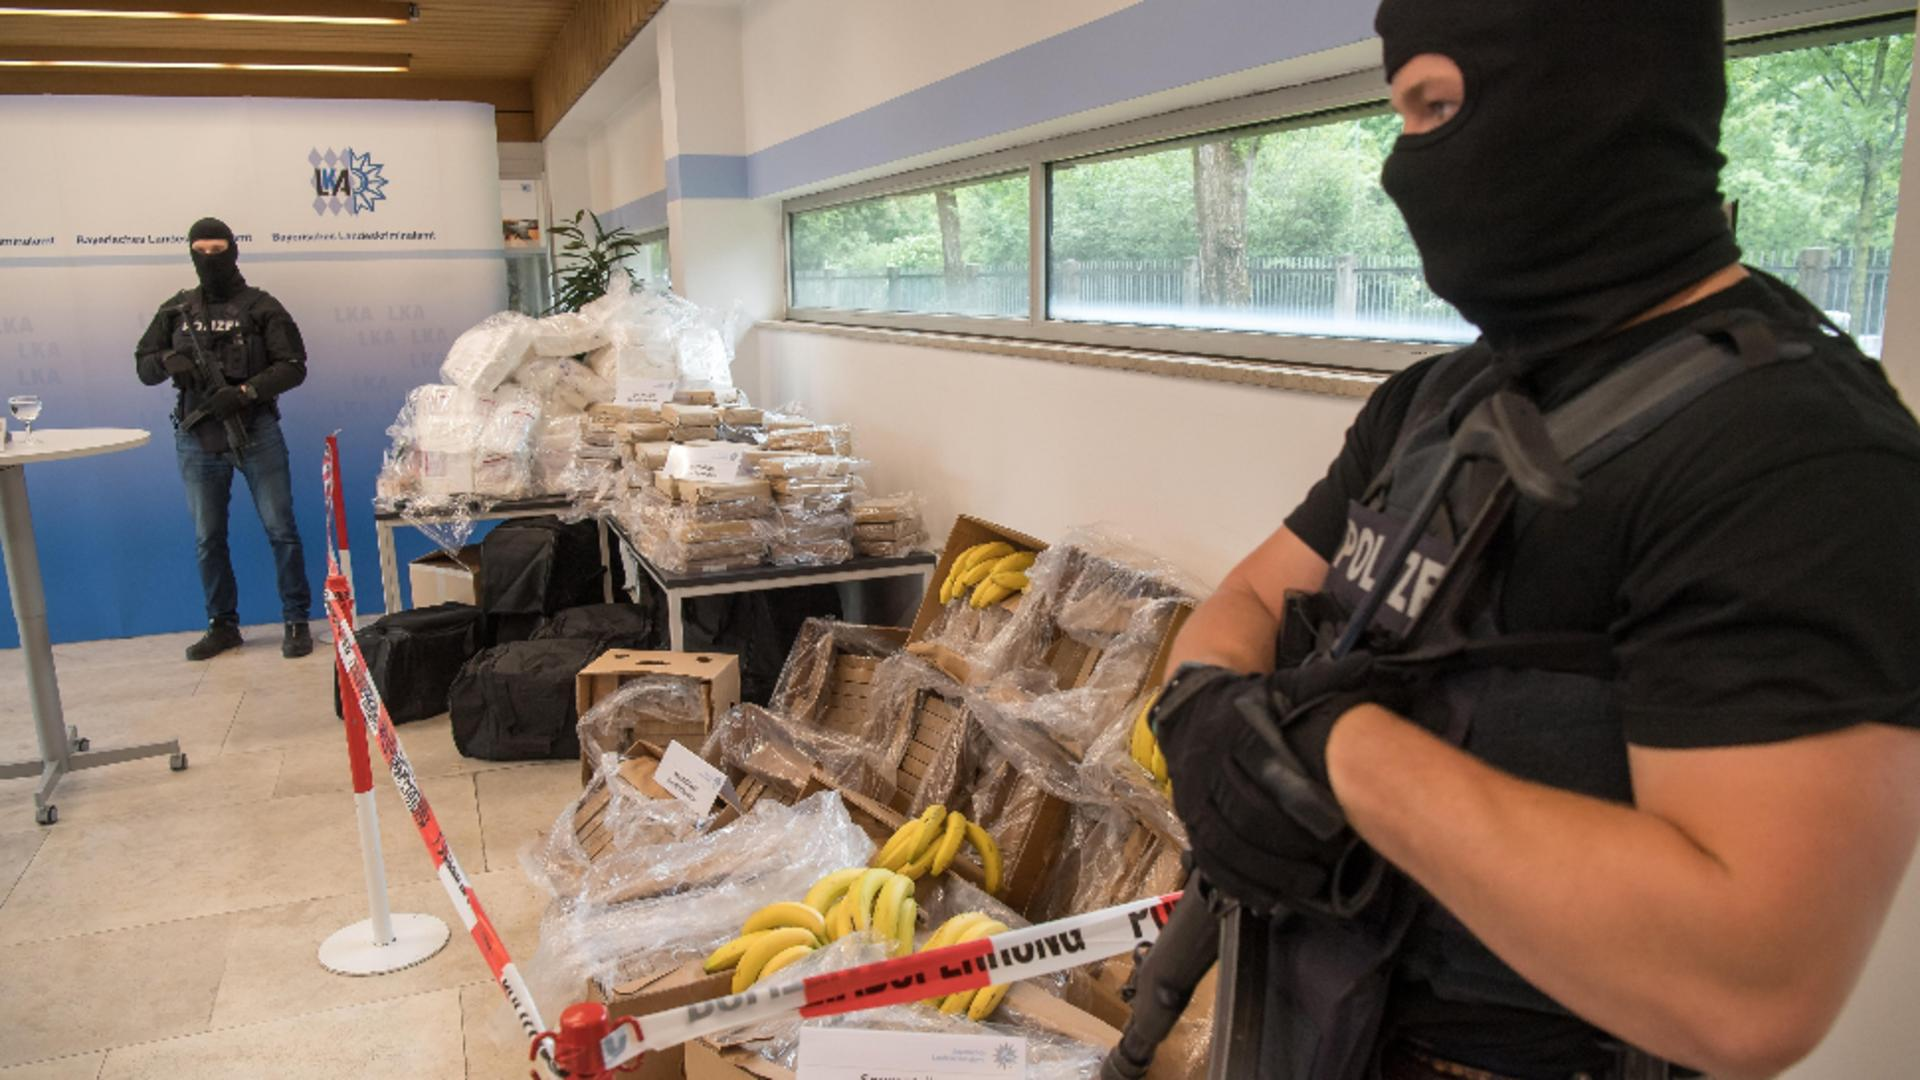 Cocaină descoperită în cutii de banane  / Foto: Profi Media, imagine de arhivă